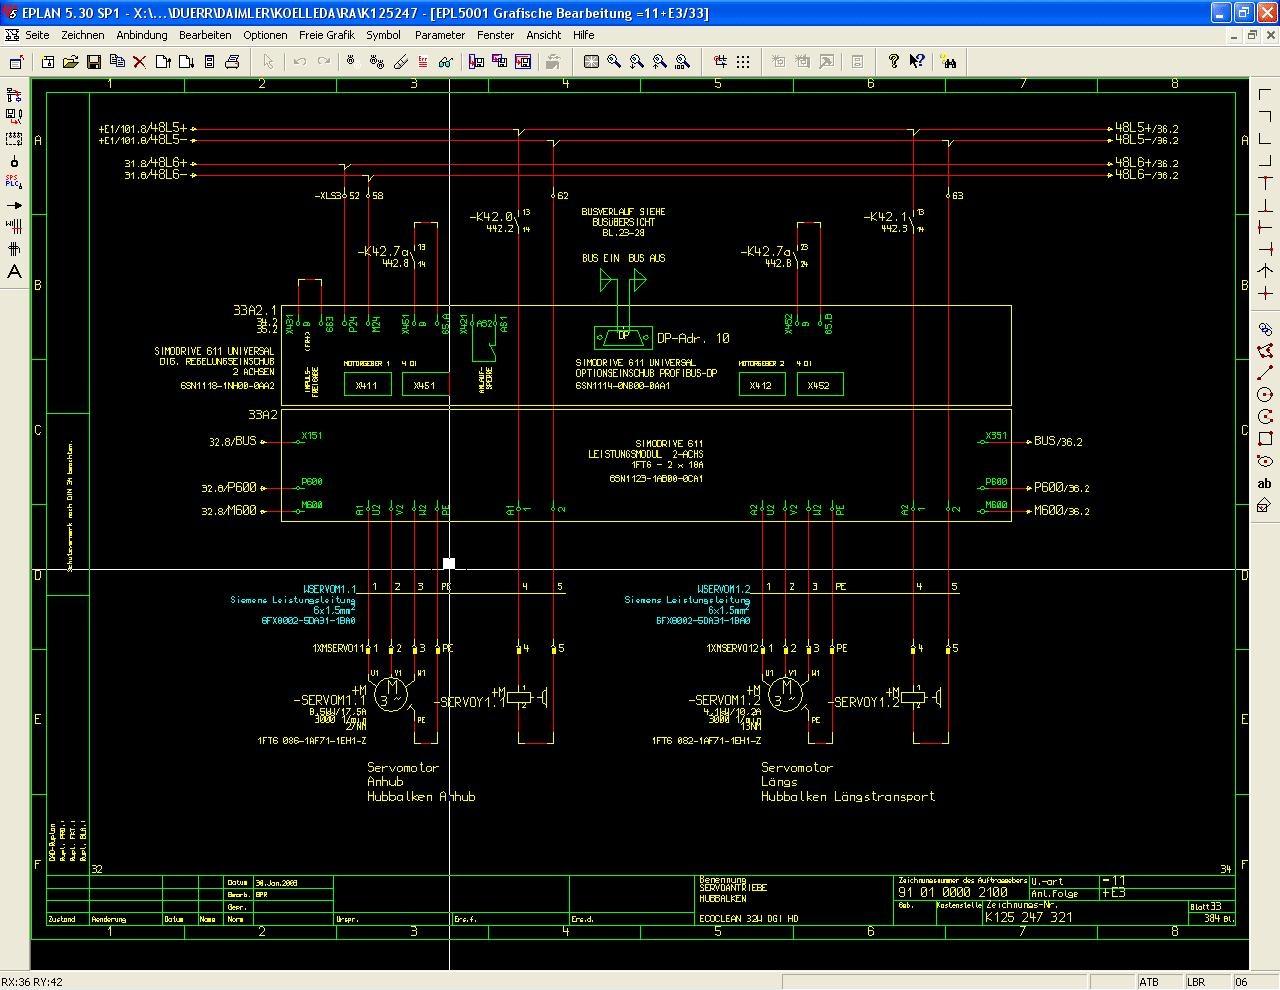 Ausgezeichnet Schaltpläne Software Fotos - Der Schaltplan - triangre ...